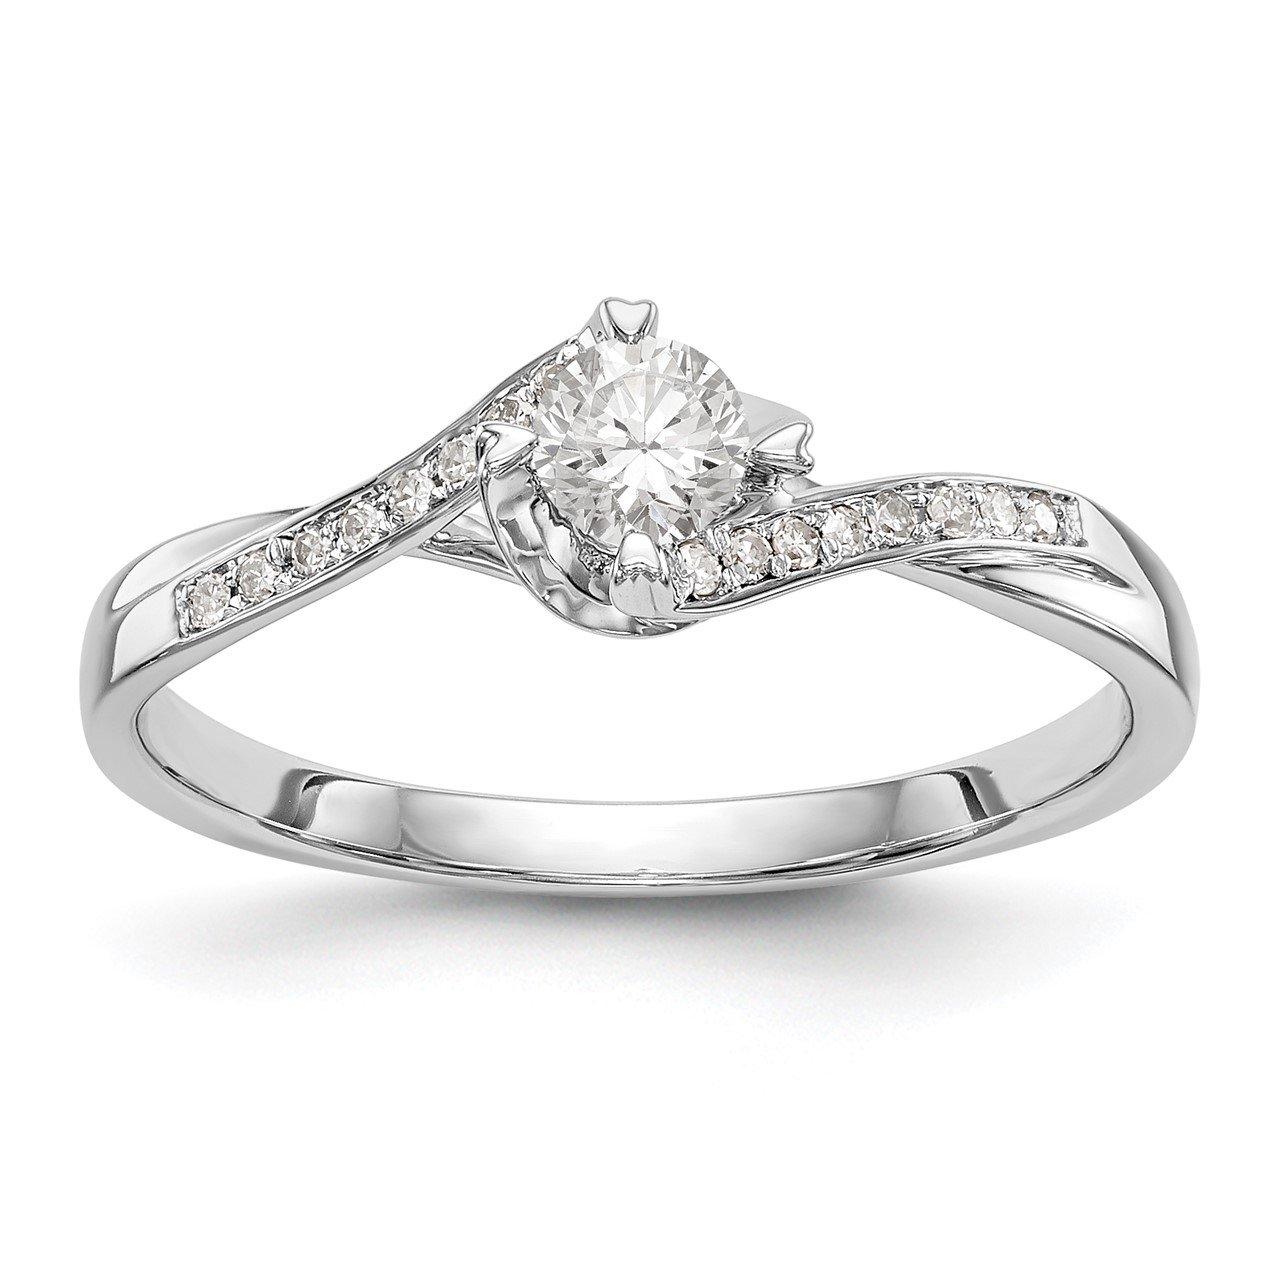 14K White Gold Diamond Semi-Mount Promise/Engagement Ring